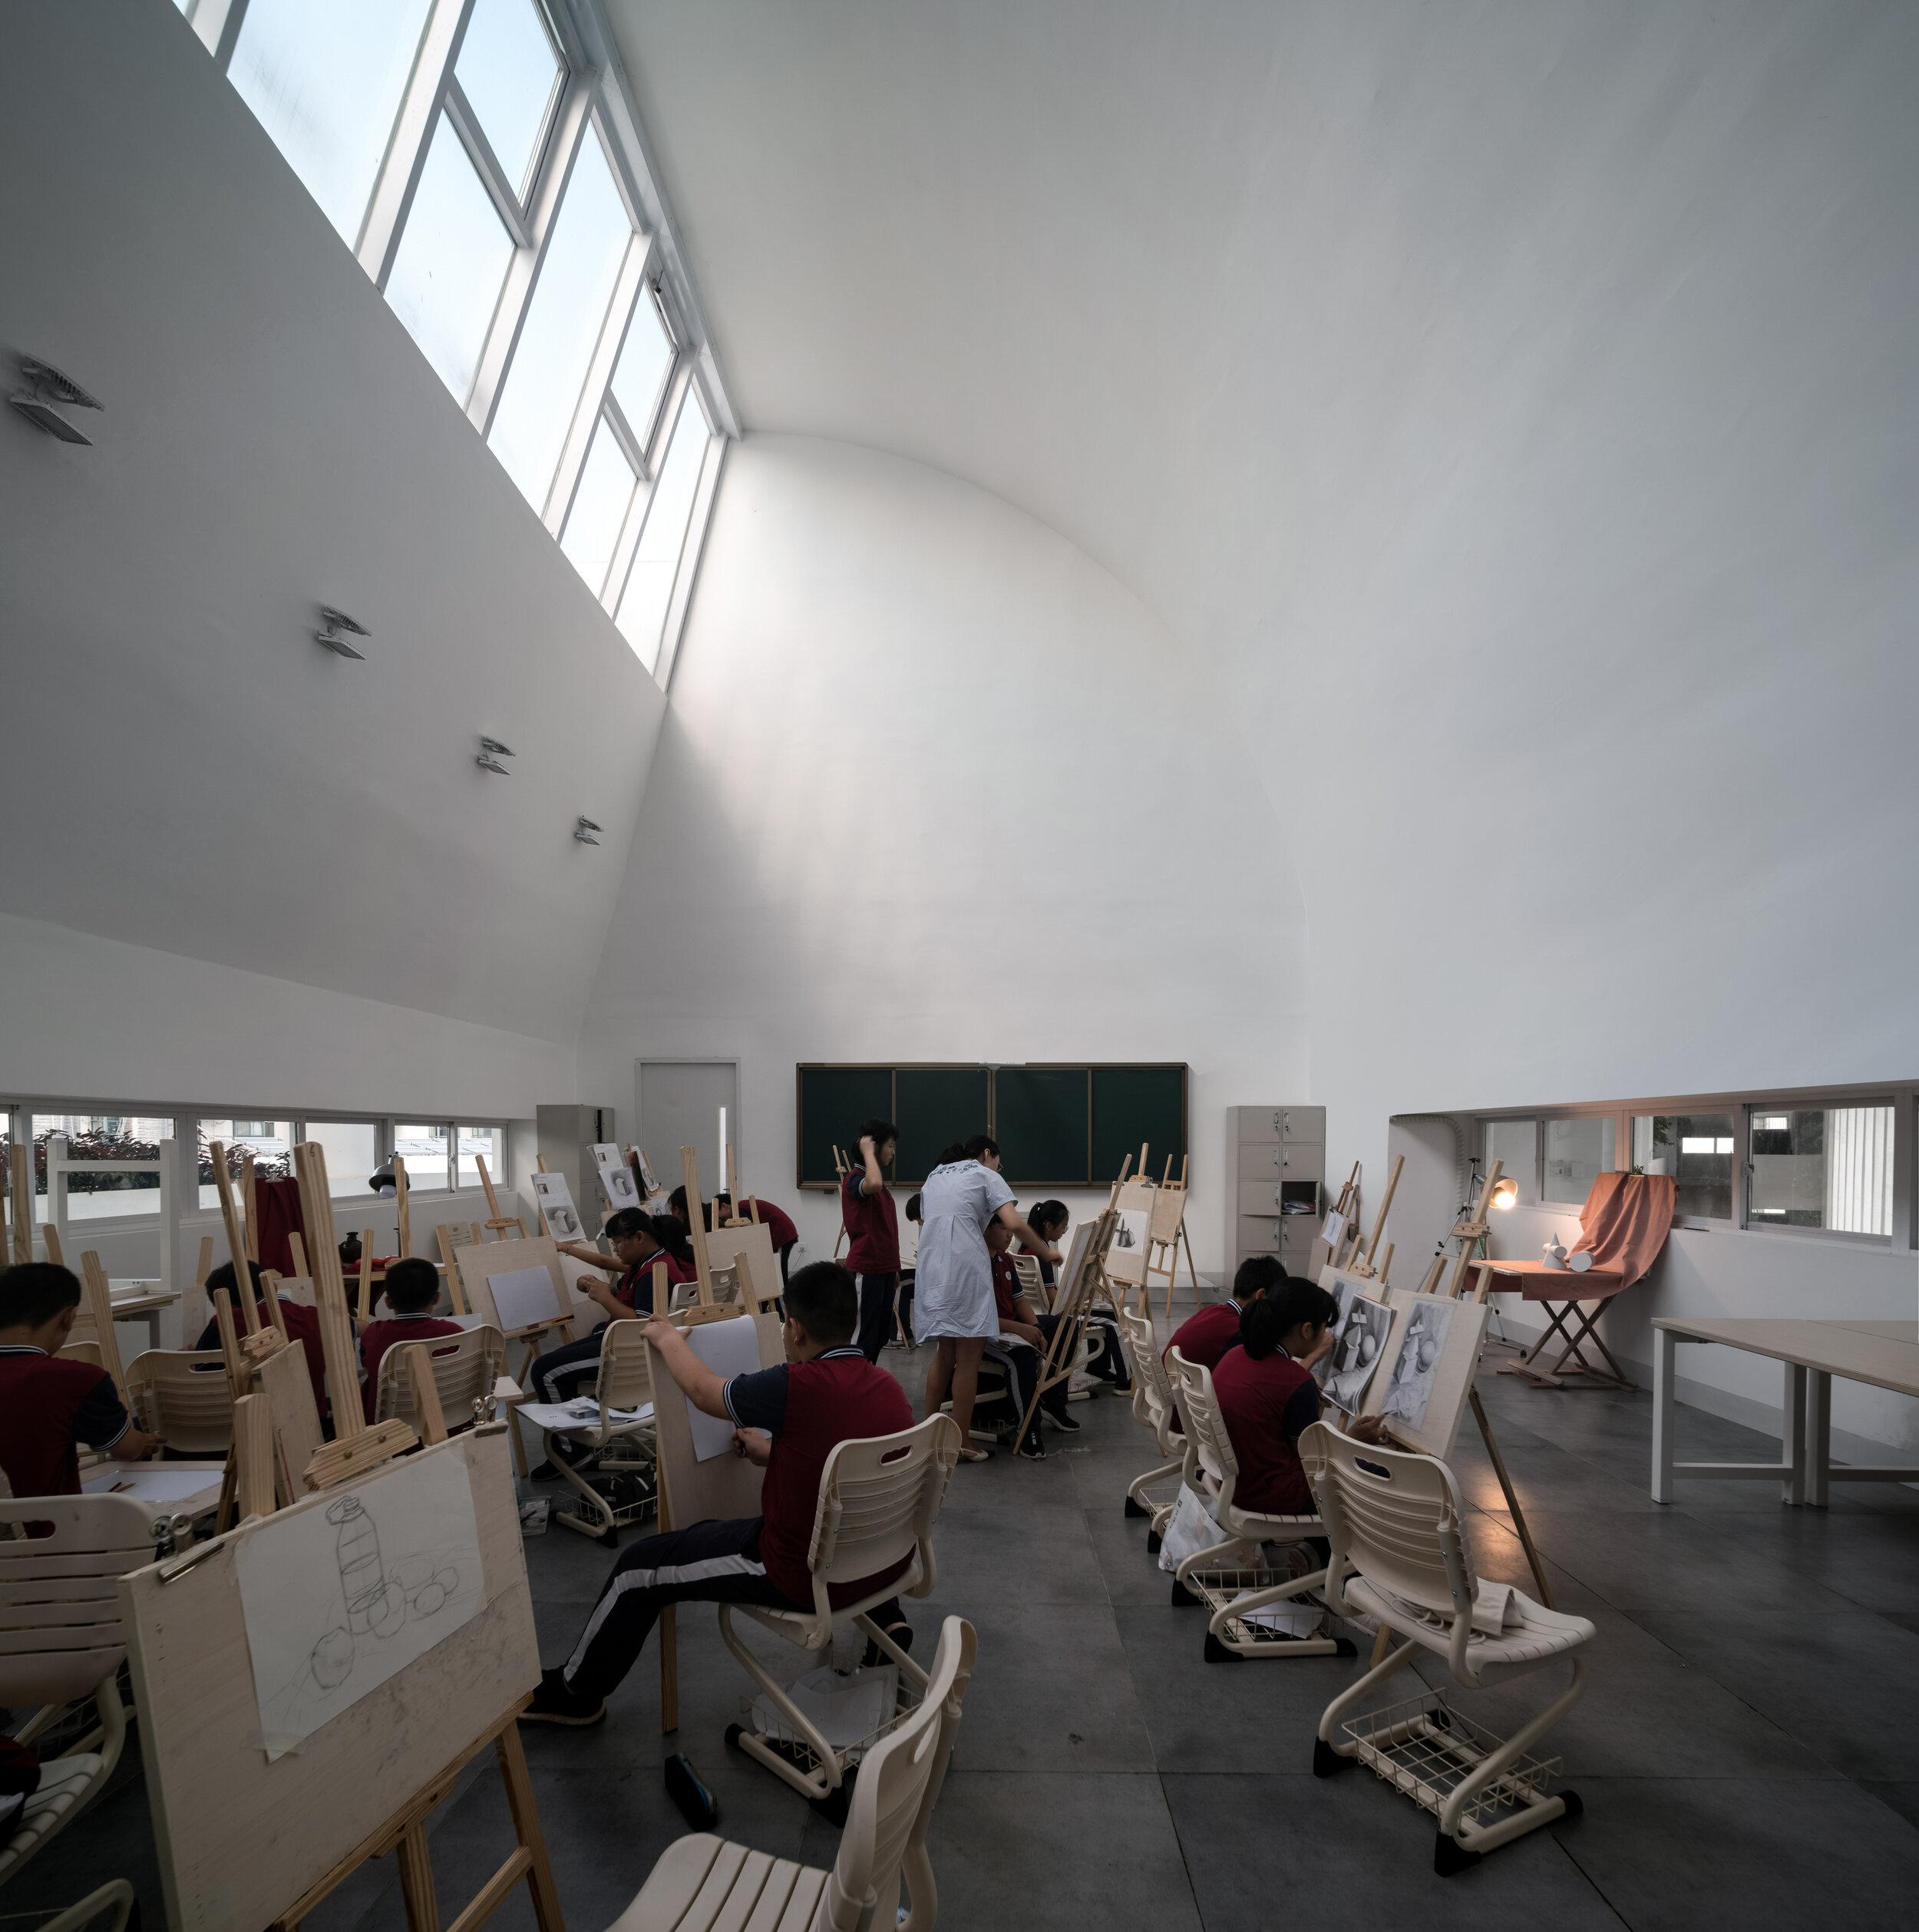 12 美術教室 ?是然建筑攝影  Art classroom ?Schran Images.jpg